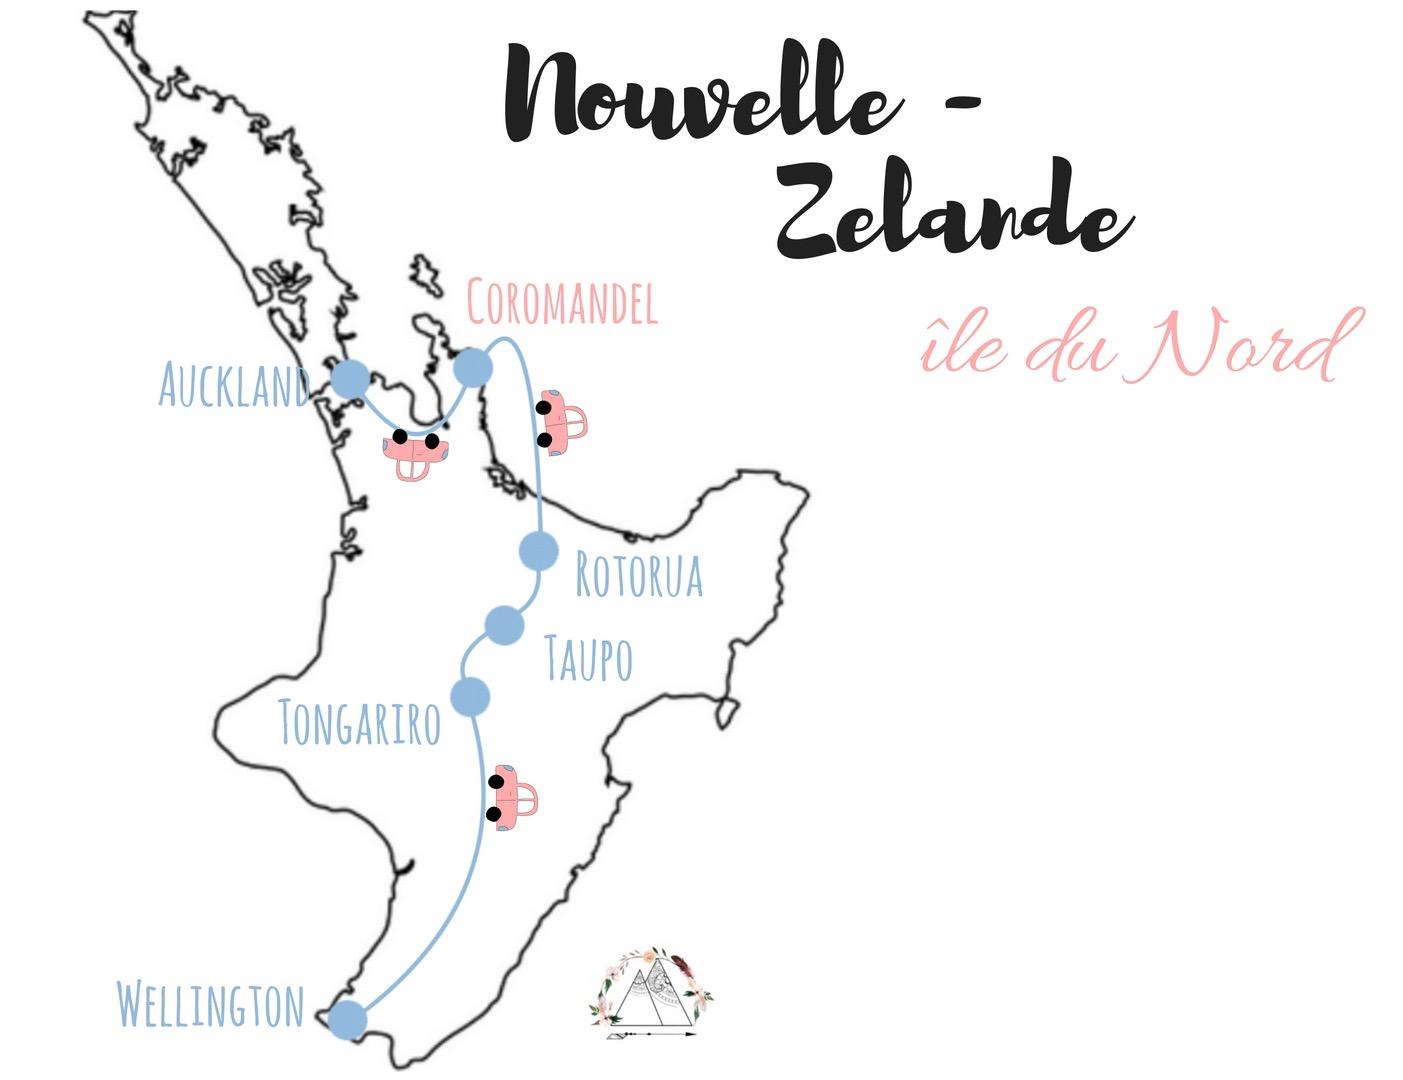 Itinéraire via coromandel l'ile du sud de la nouvelle Zélande en 10 jours en van